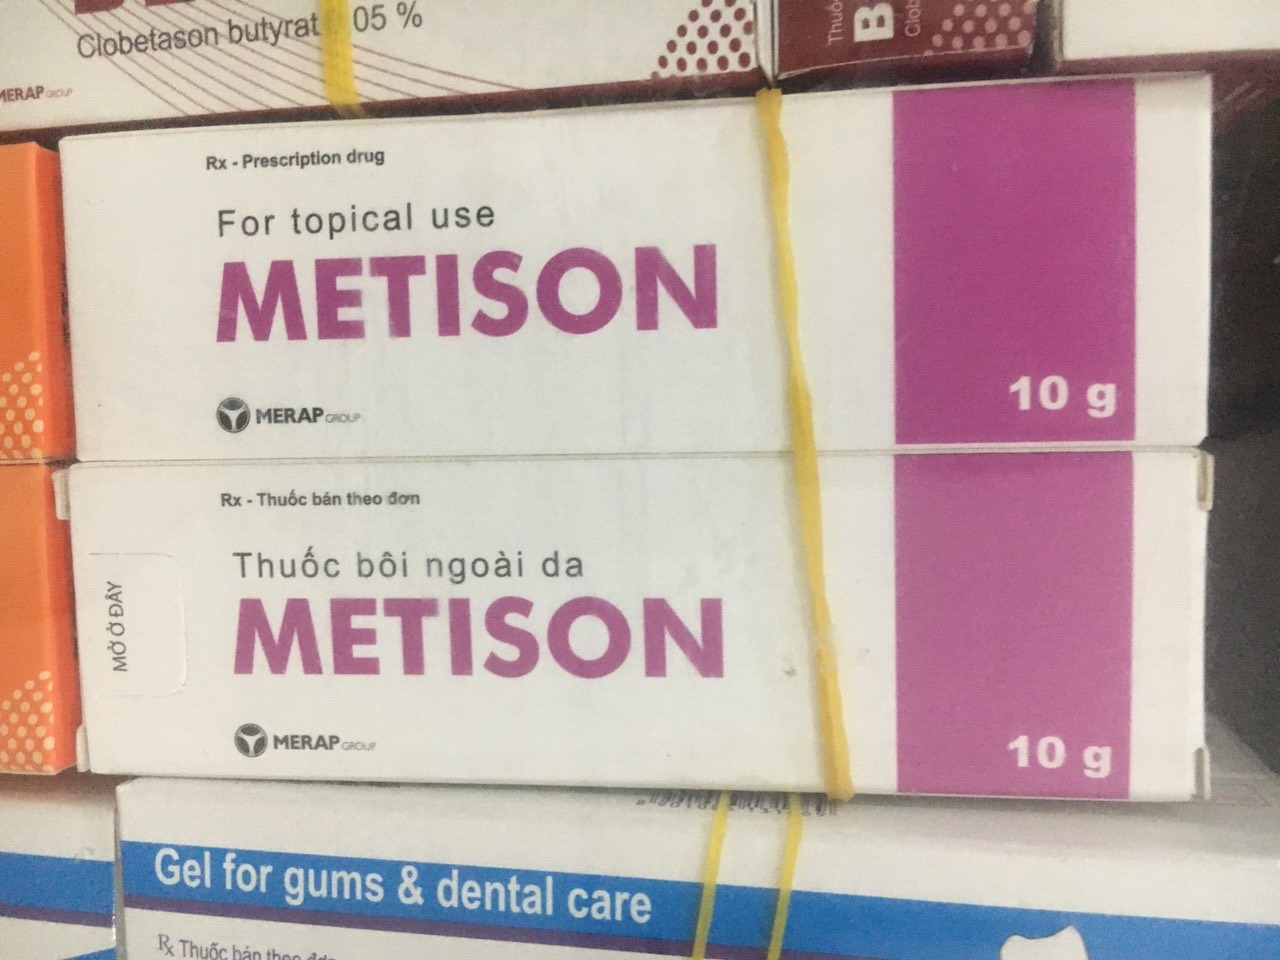 Metison 10g